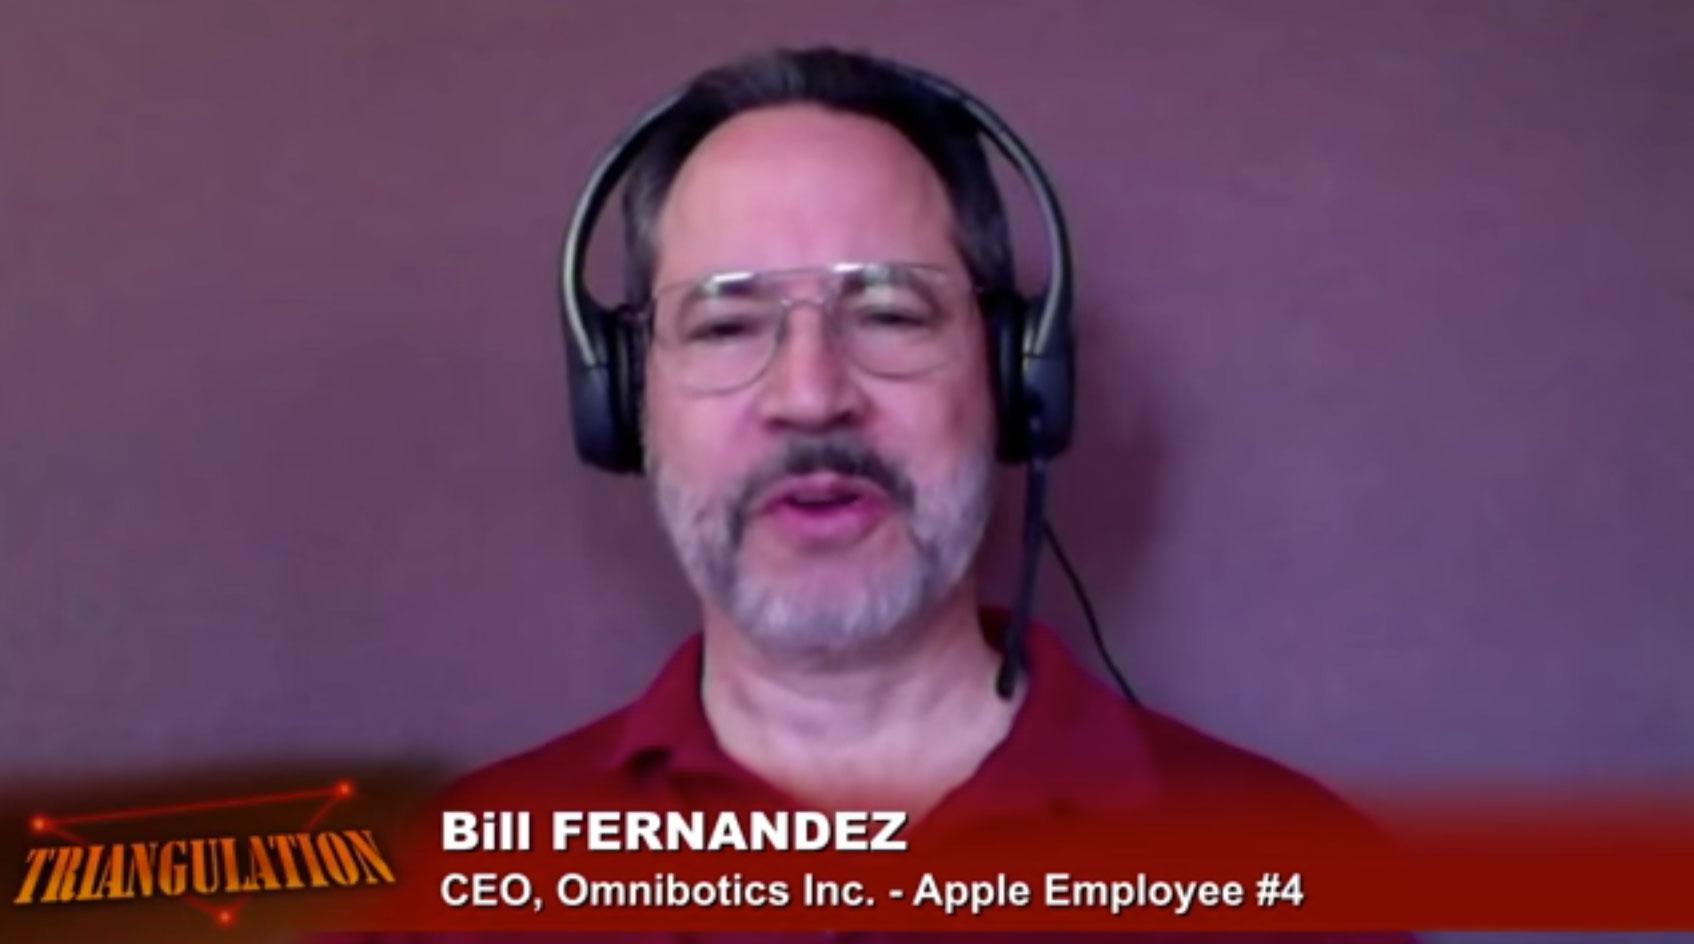 Bill Fernandez